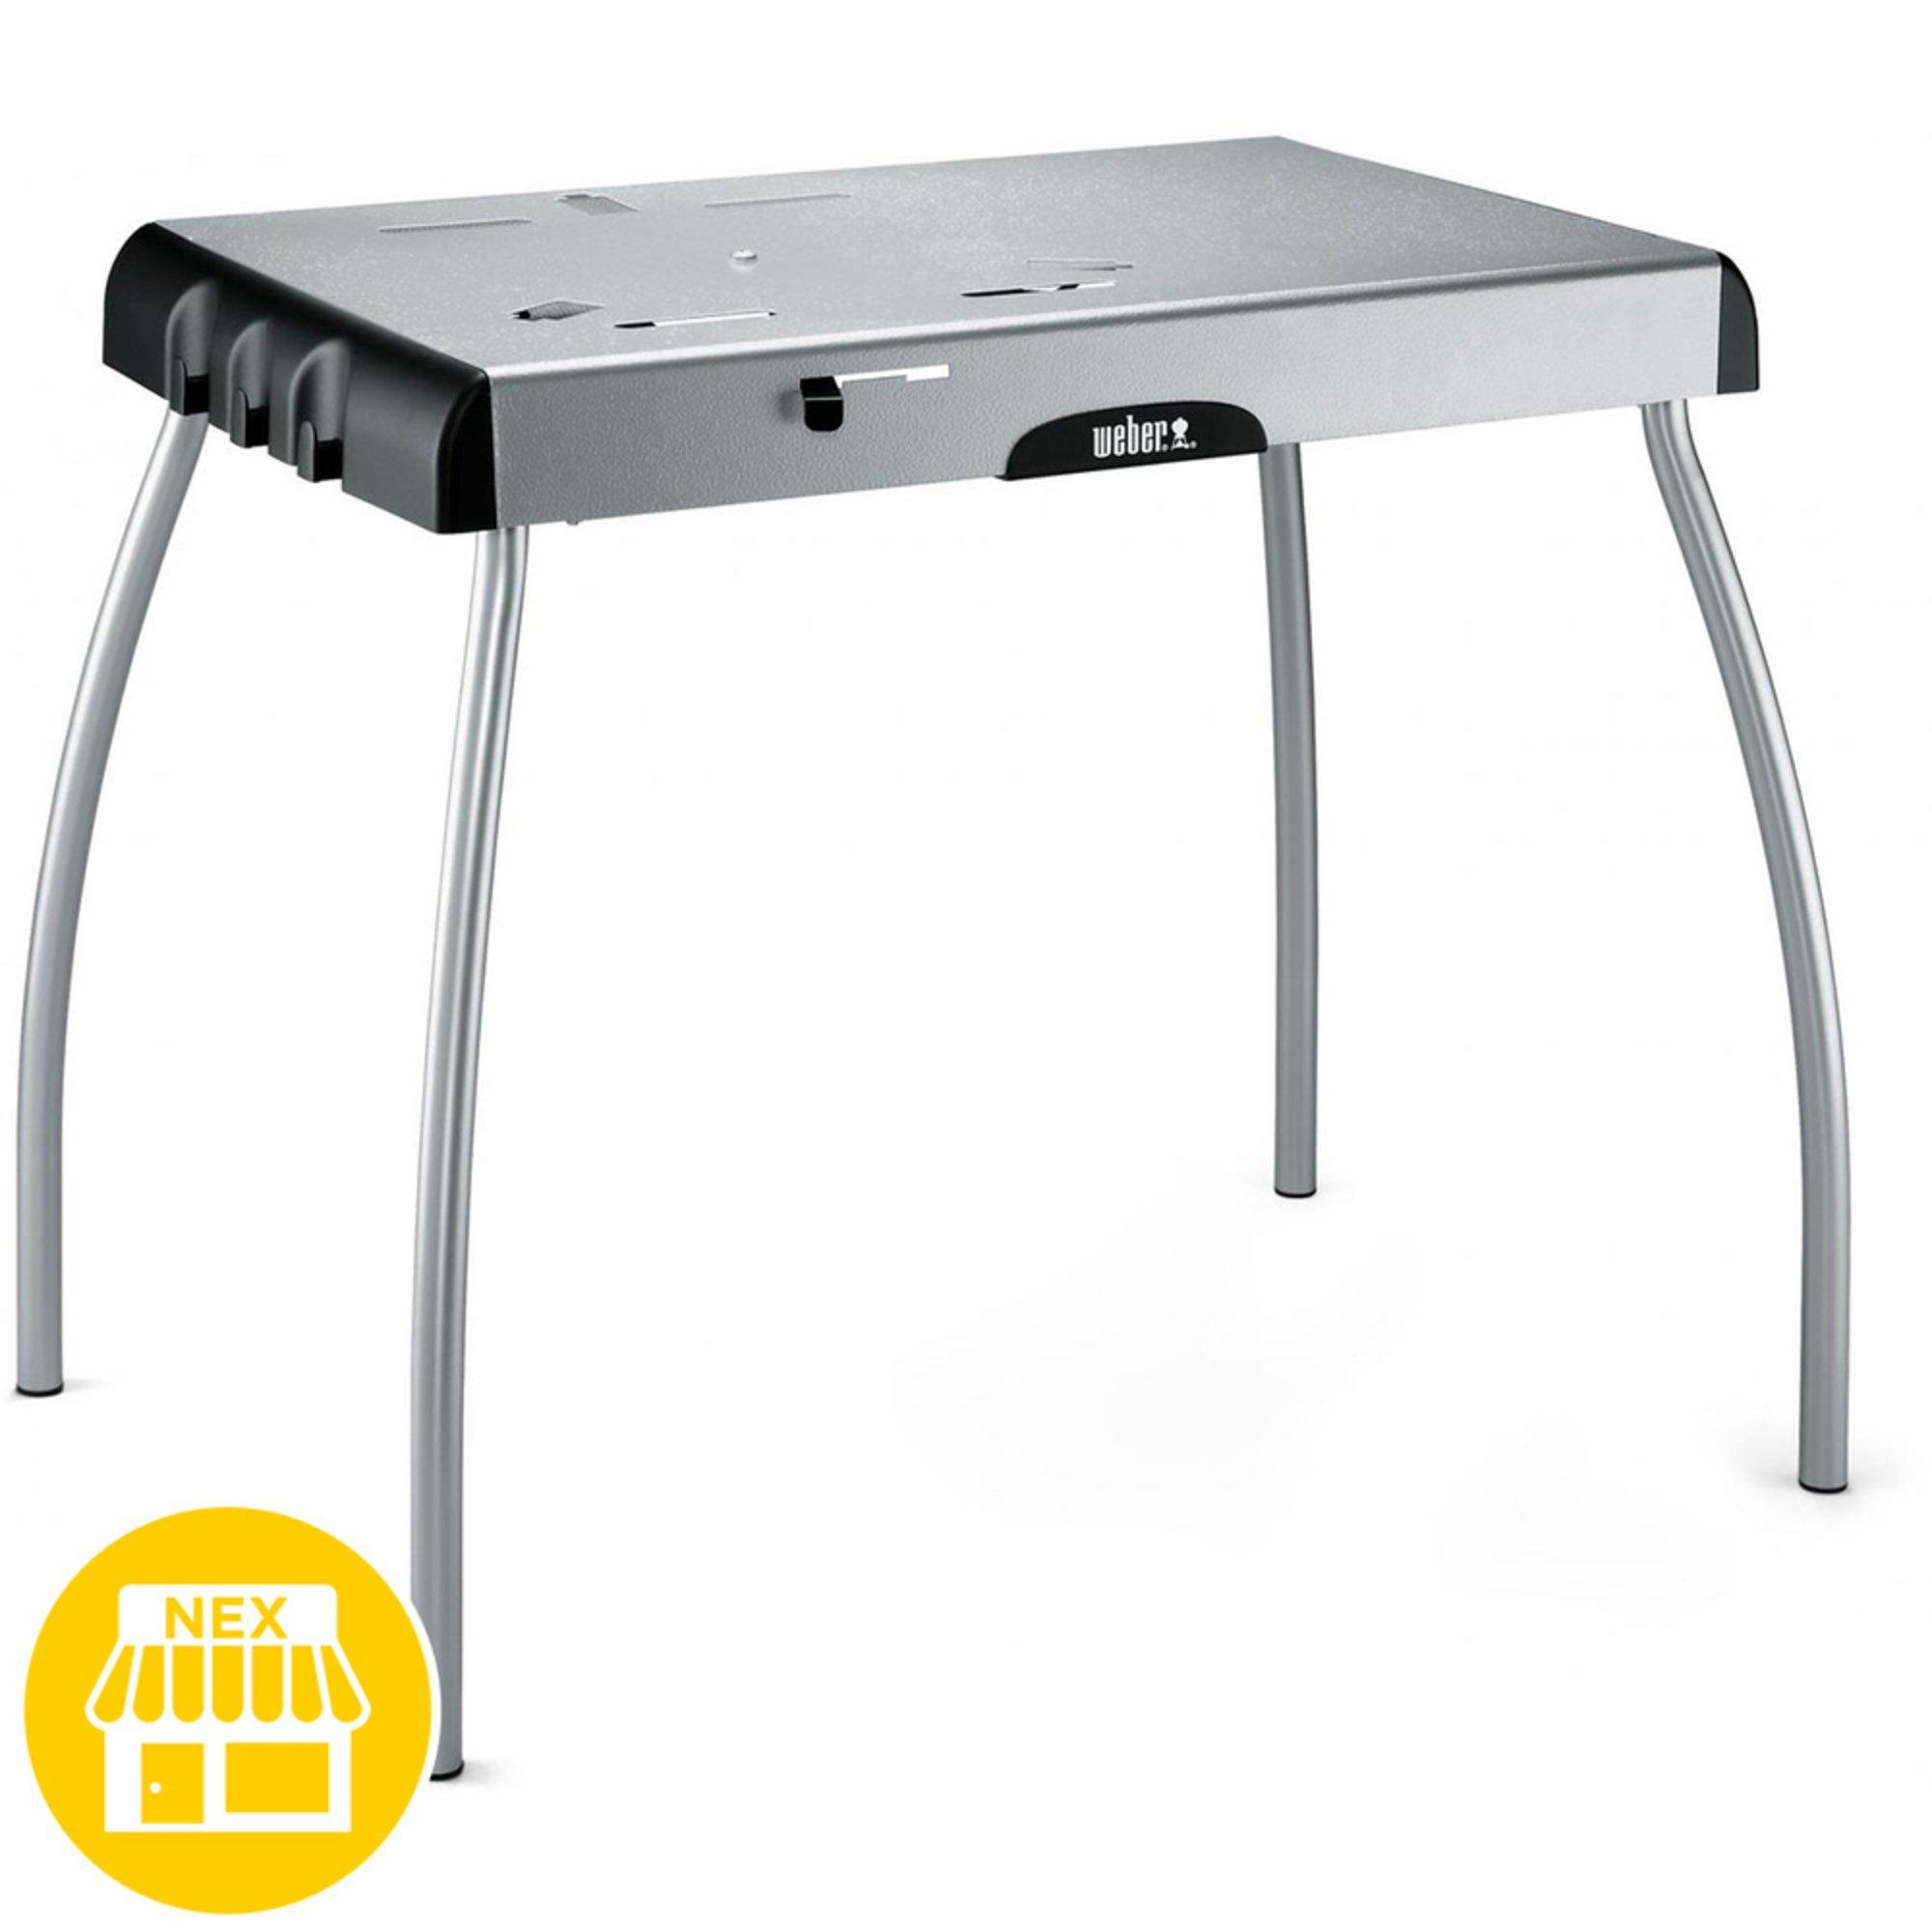 Weber Smokey Joe Table.Weber Portable Table Fits Jumbo Joe Smokey Joe Charcoal Grill